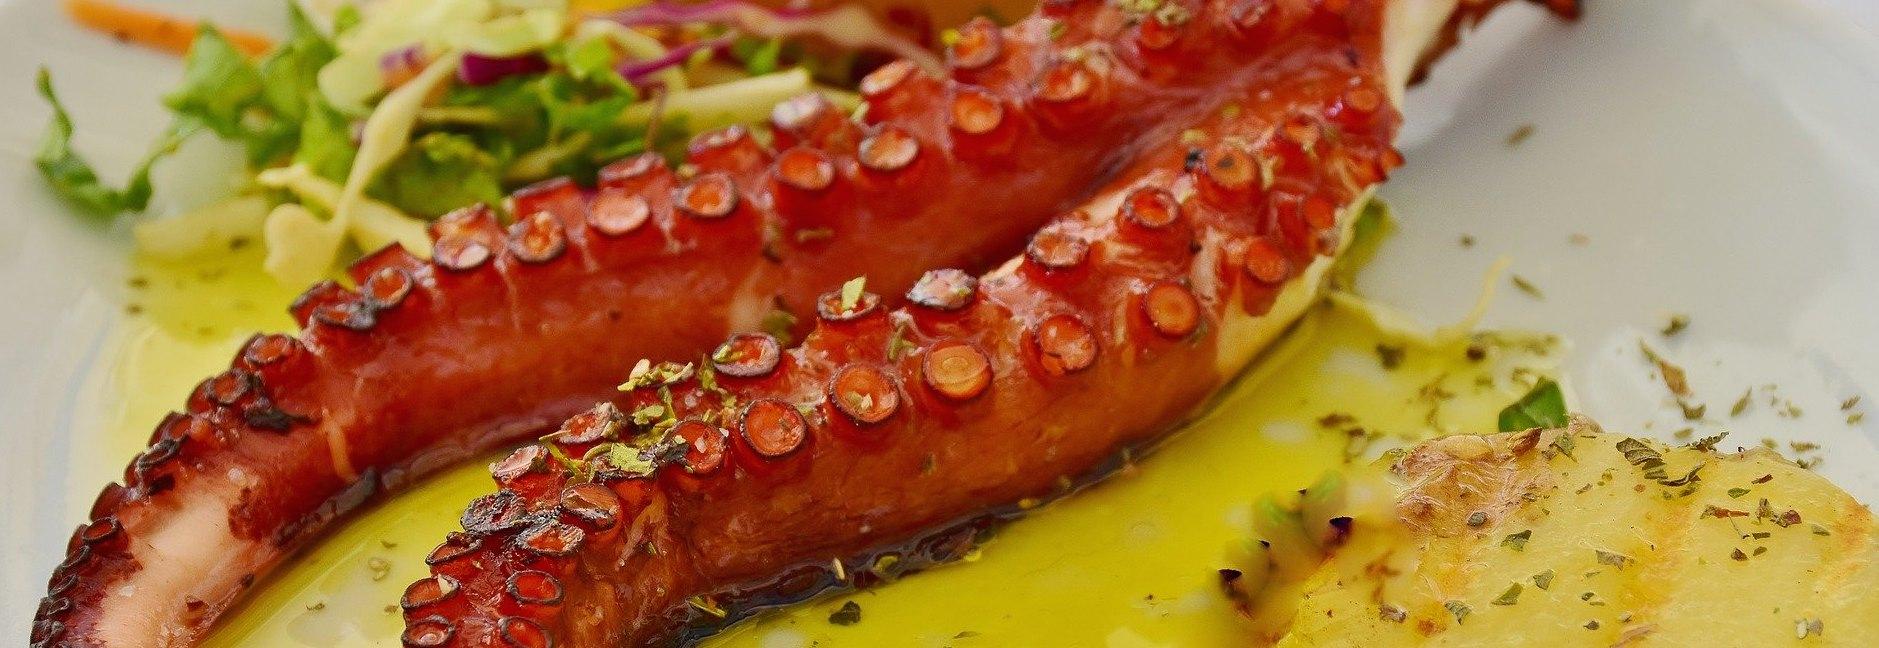 Les poissons oubliés remis au goût du jour